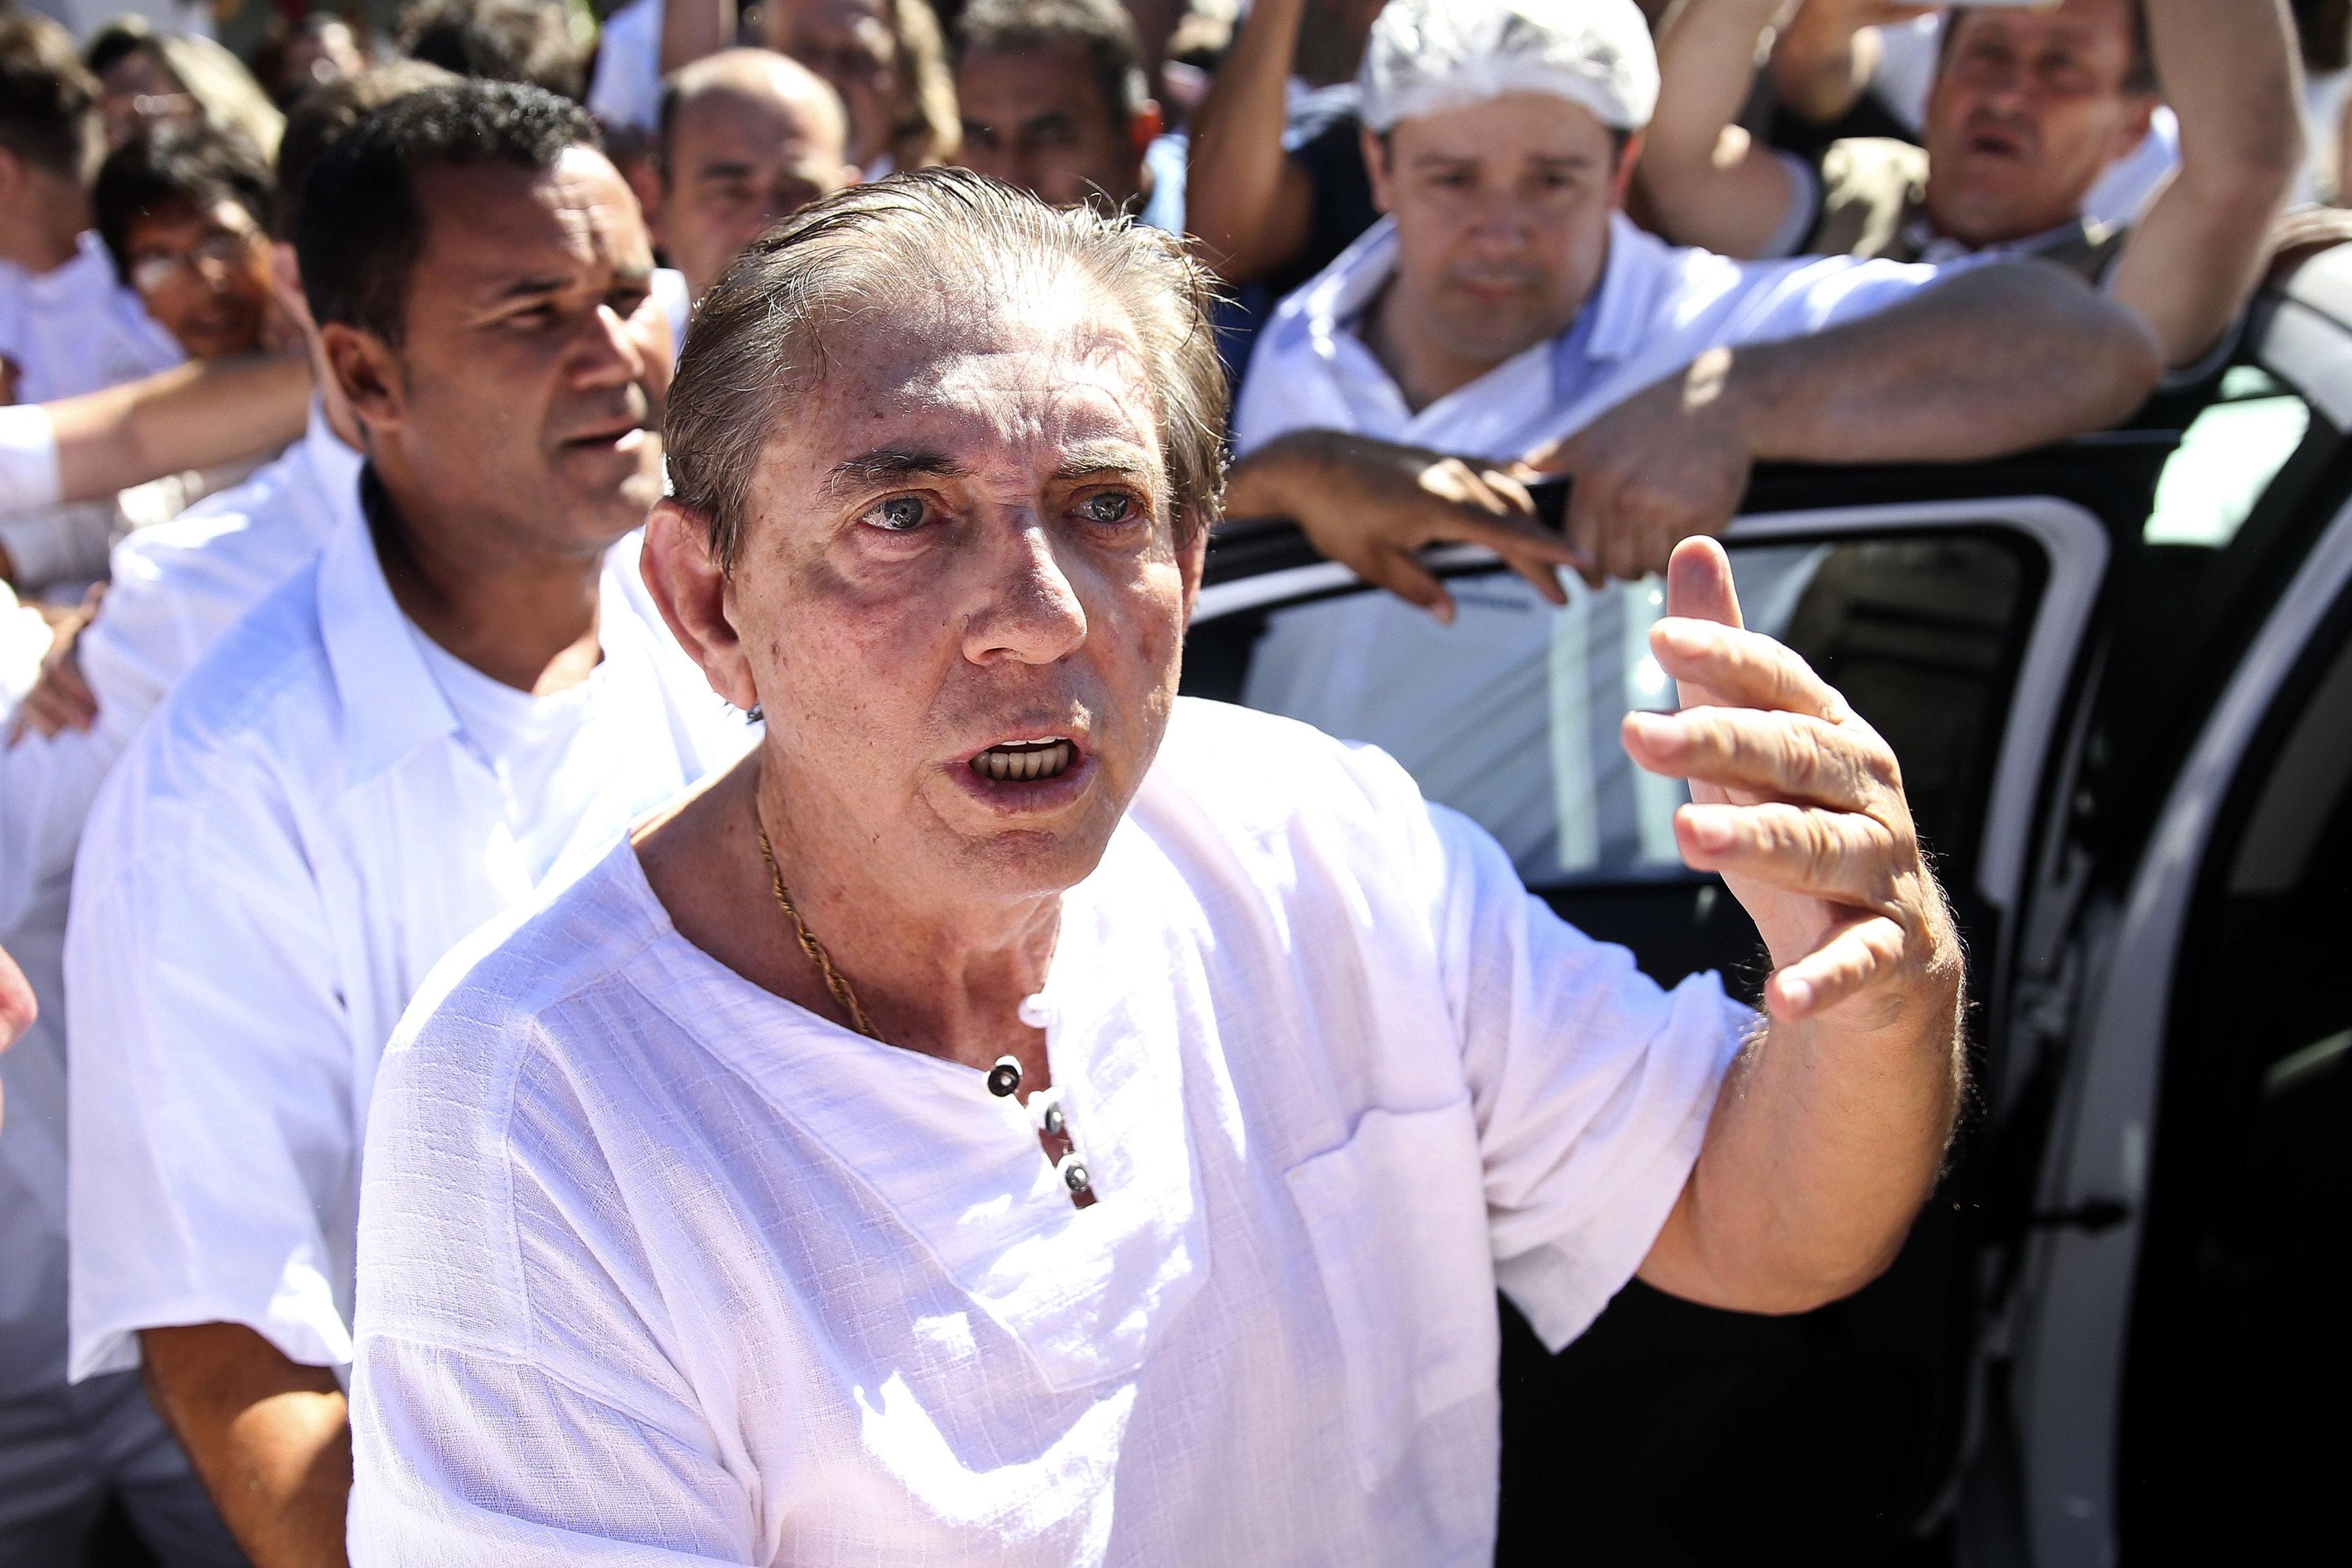 Esta foto divulgada por la Agencia Brasil muestra a Joao Teixeira de Faria, que como curandero se hace llamar Joao de Deus, al llegar a Abadiania, Brasil, el miércoles 12 de diciembre del 2018.  (Marcelo Camargo/Agencia Brasil via AP)